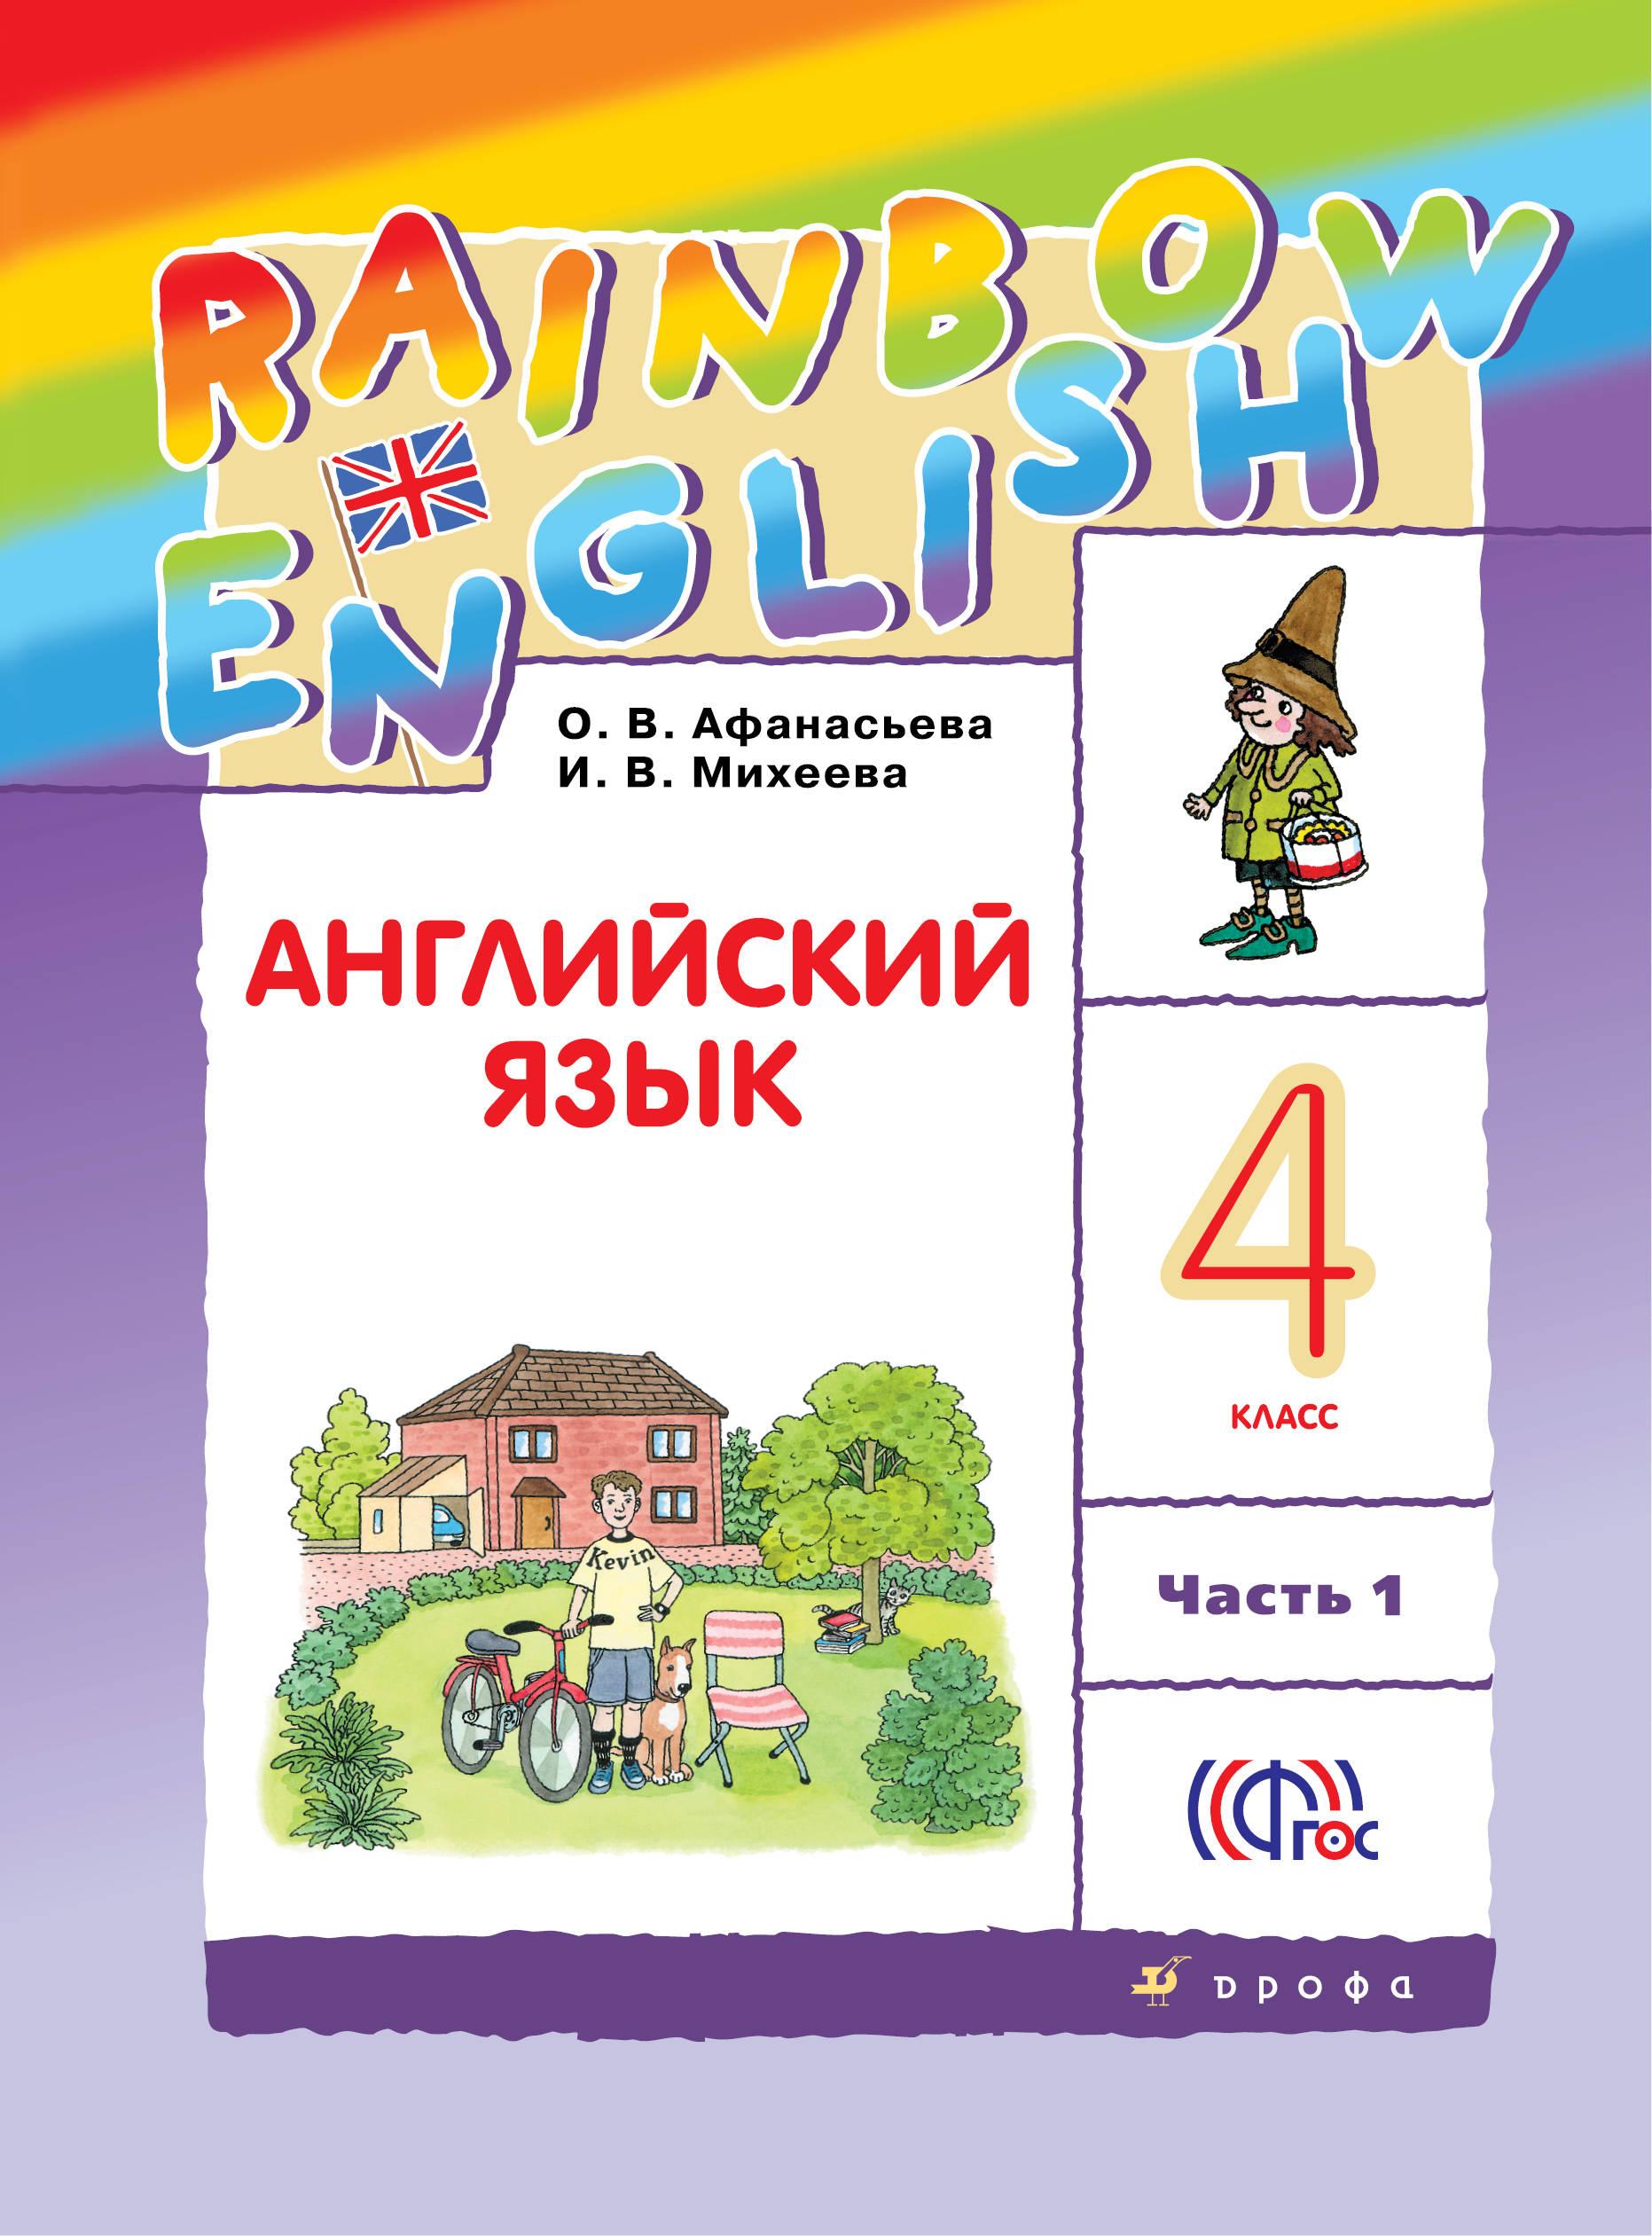 О. В. Афанасьева, И. В. Михеева Английский язык. 4 класс. Учебник. В 2 частях. Часть 1